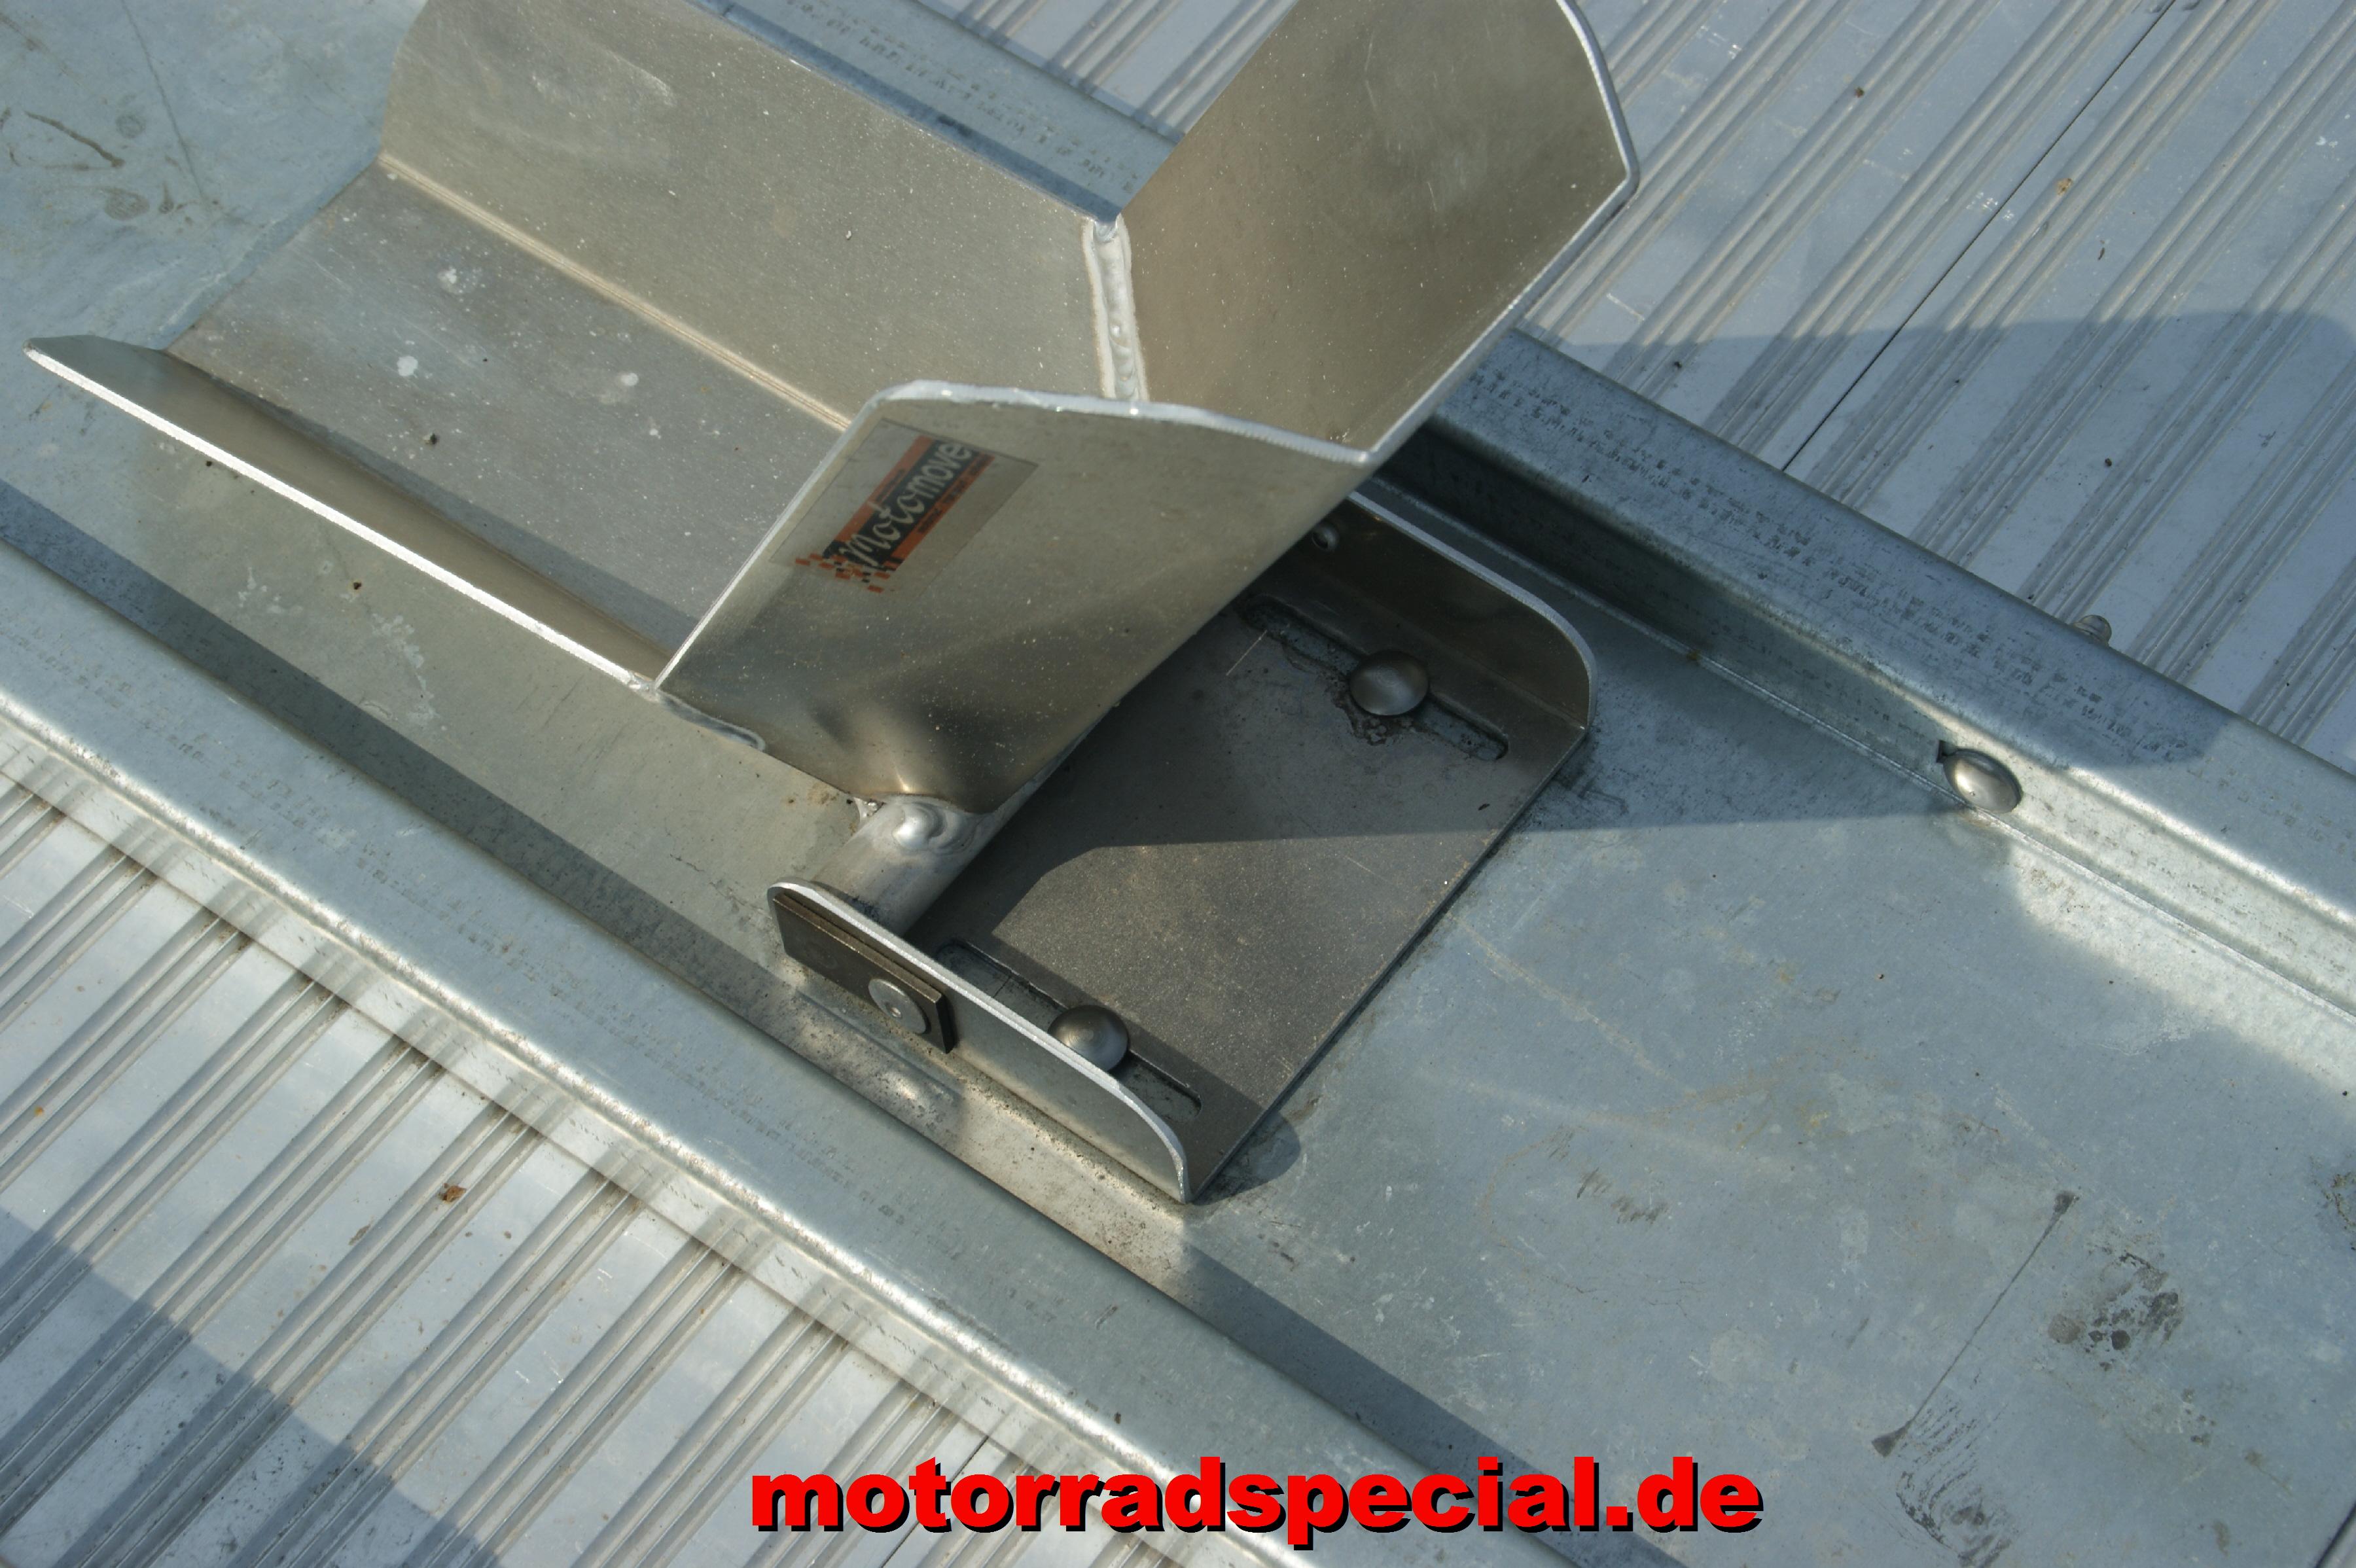 Motorrad Special_Leihänger_mittel